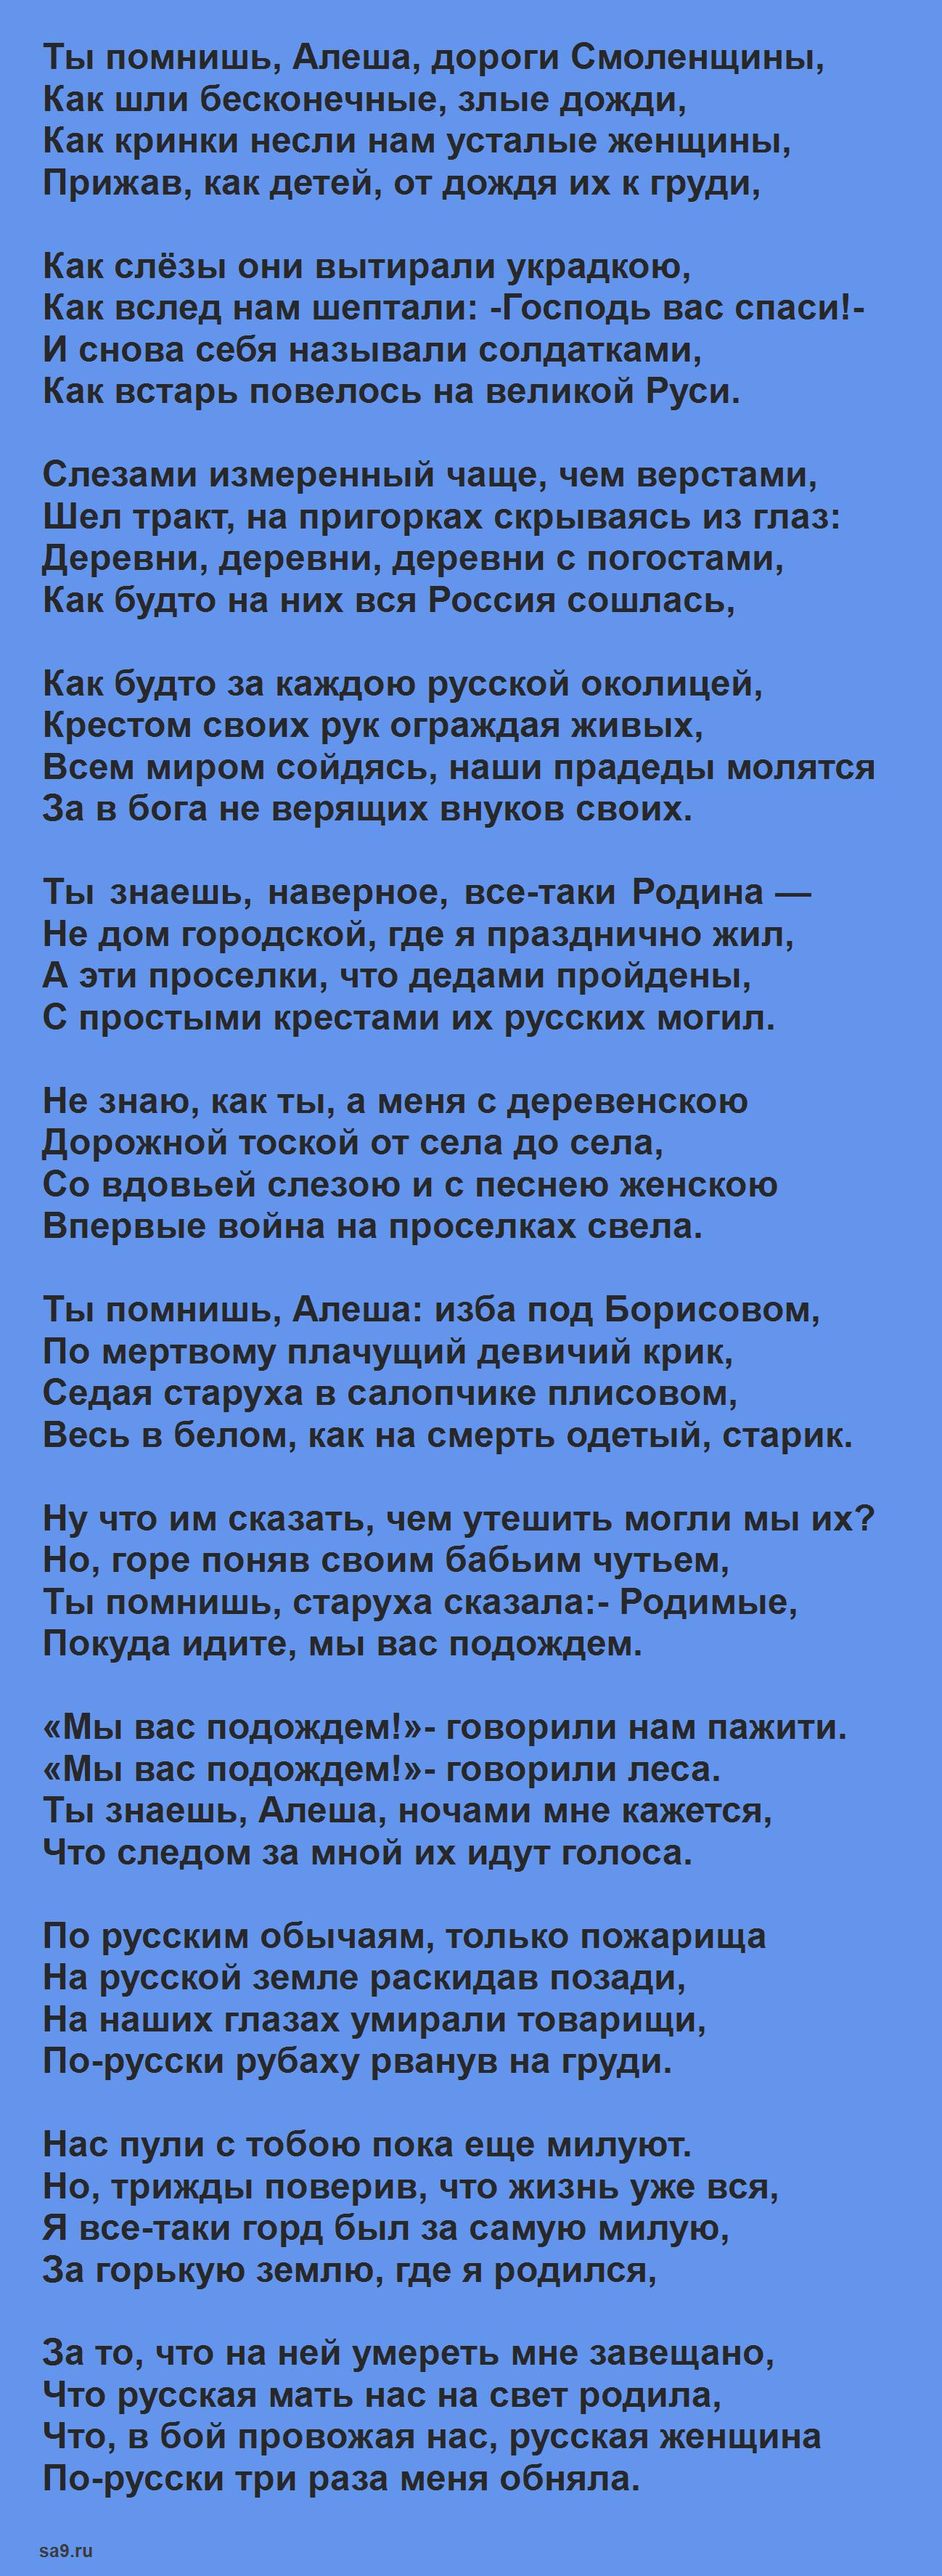 Читать стихи Симонова - Ты помнишь Алеша, дороги Смоленщины